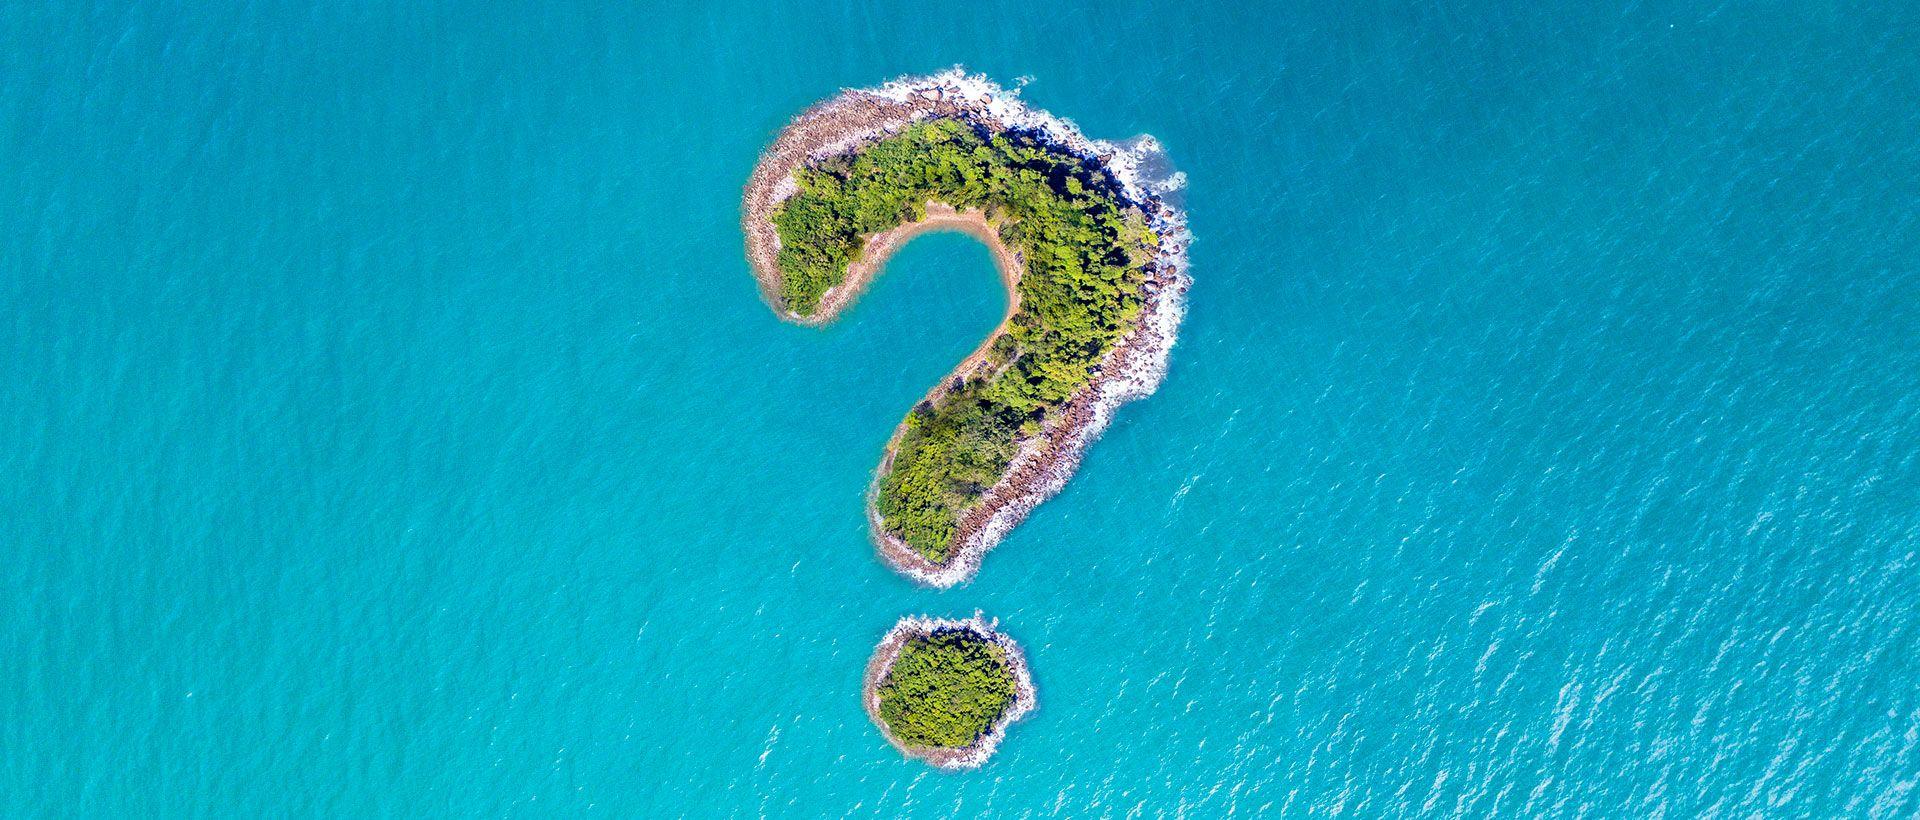 Ecologietest: test uw kennis!